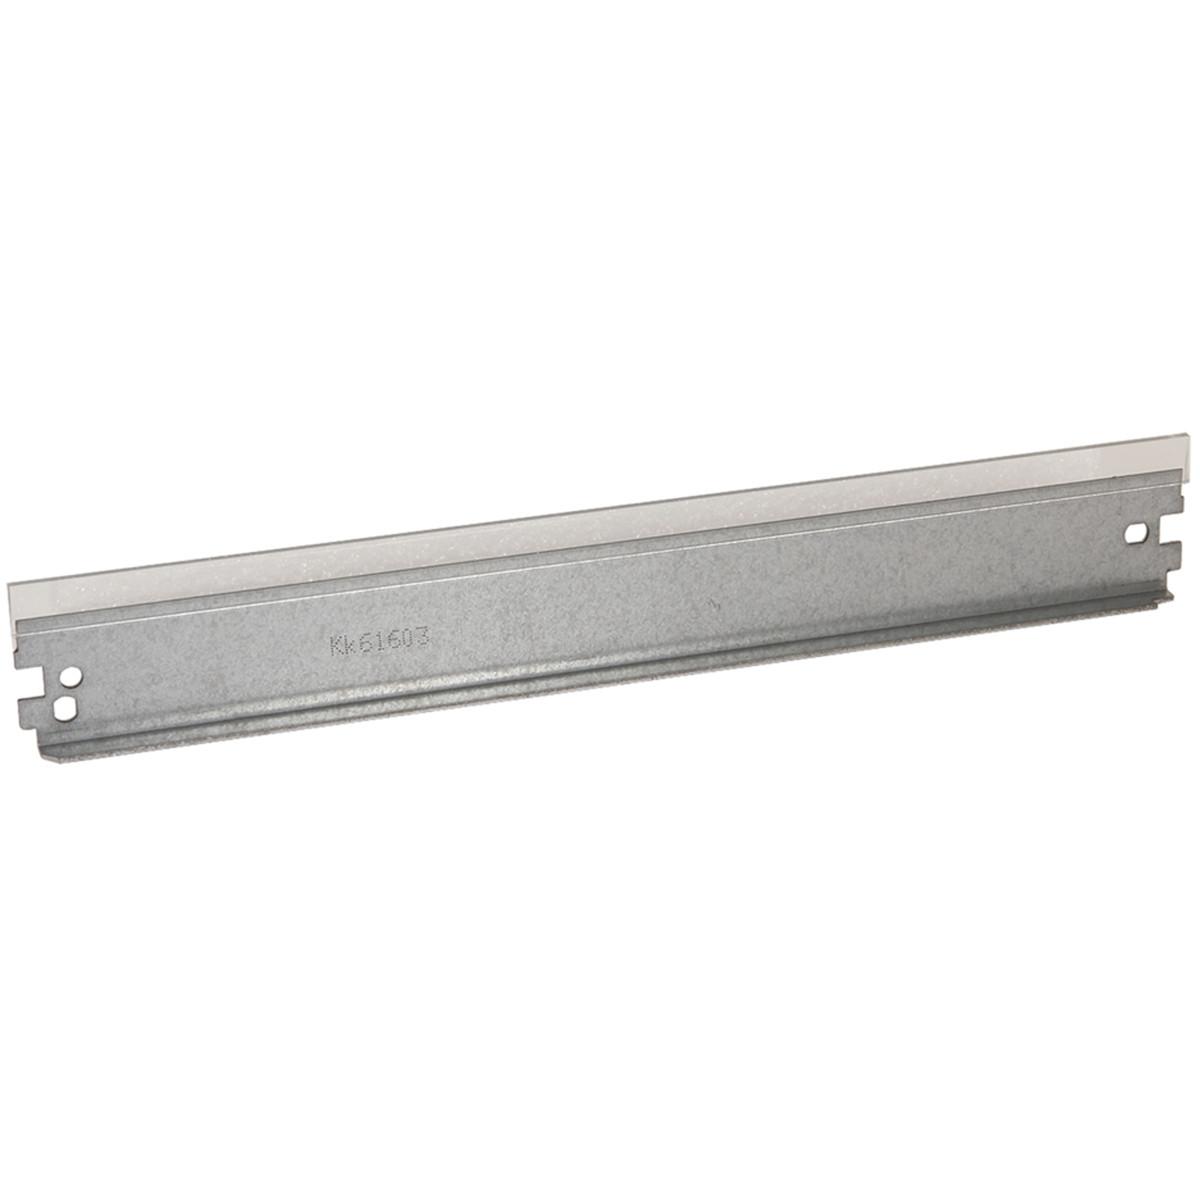 Lâmina de Limpeza ou Wiper Blade Canon EP26 | LBP3200 MF3100 MF3240 | Importado